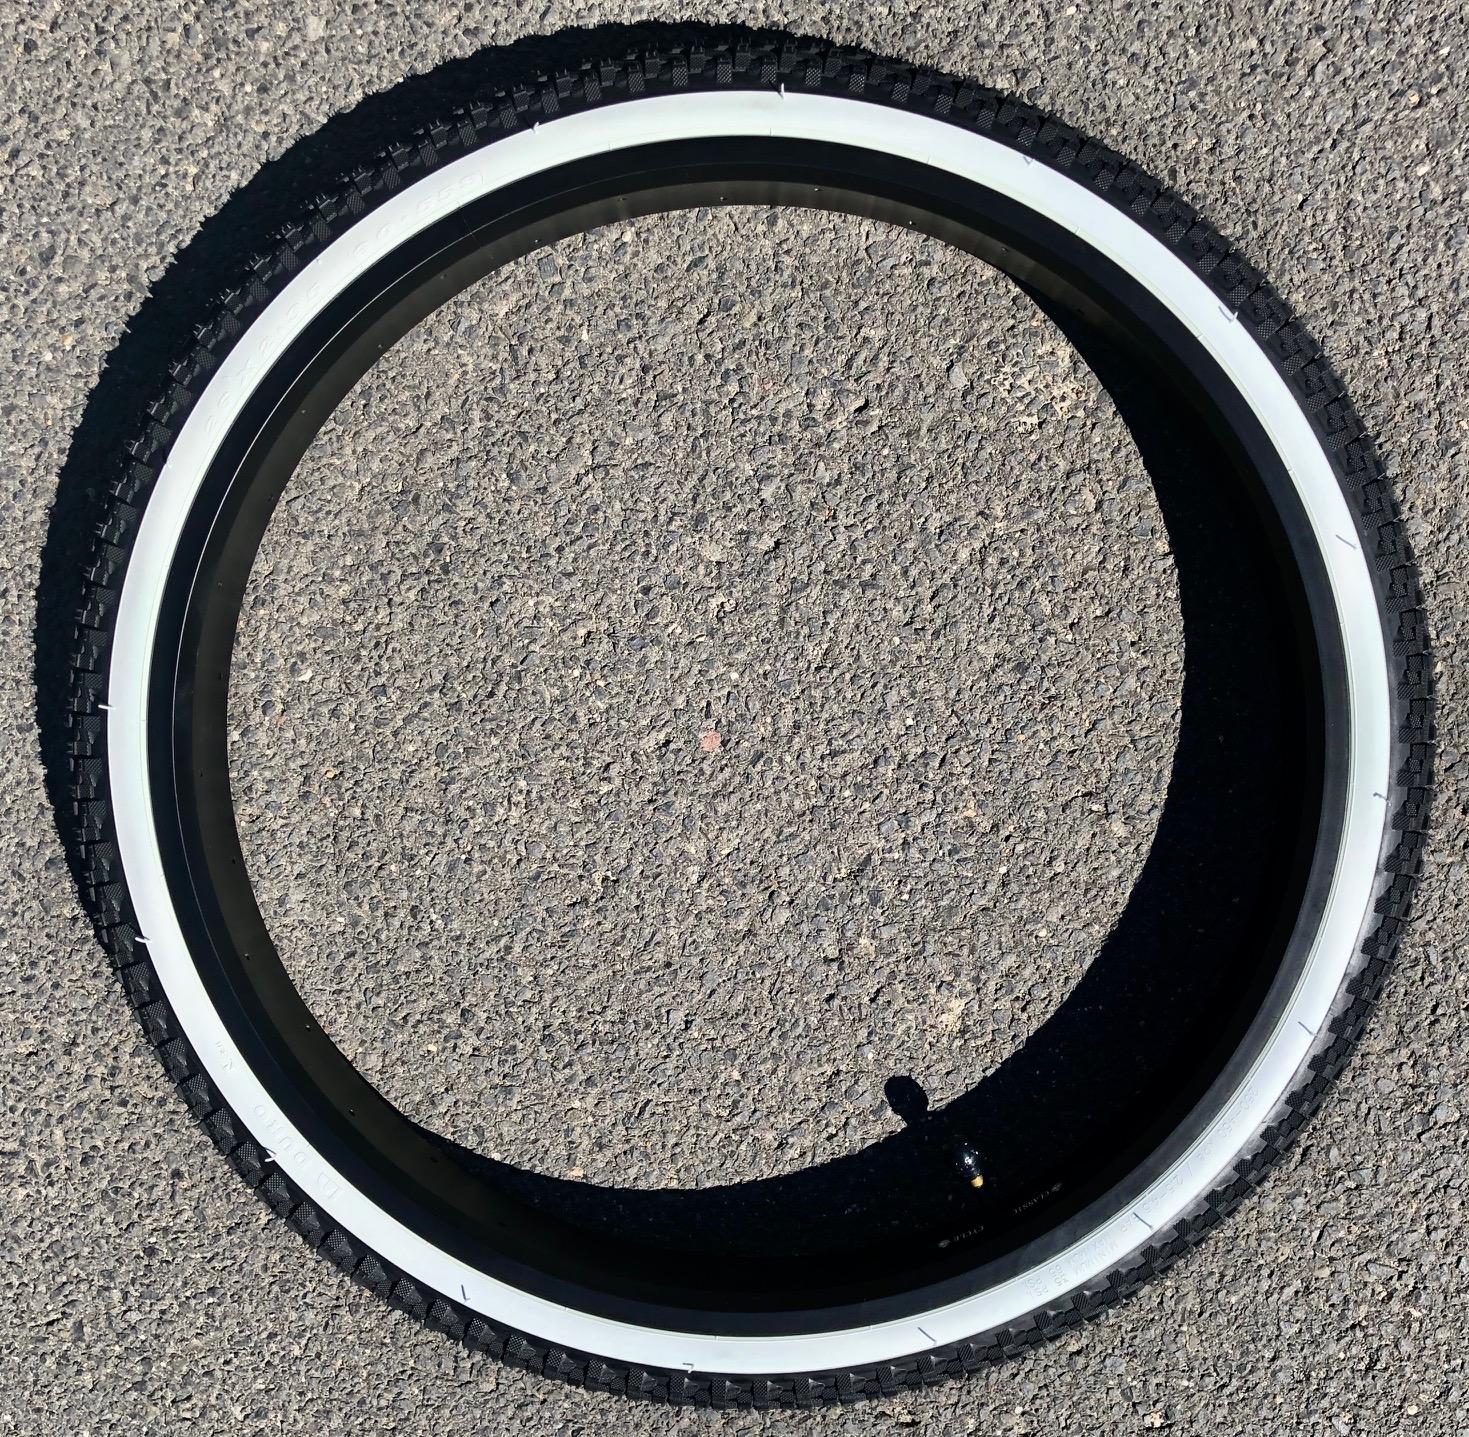 Pneu ELECTRA Blossom Black 26x2.125